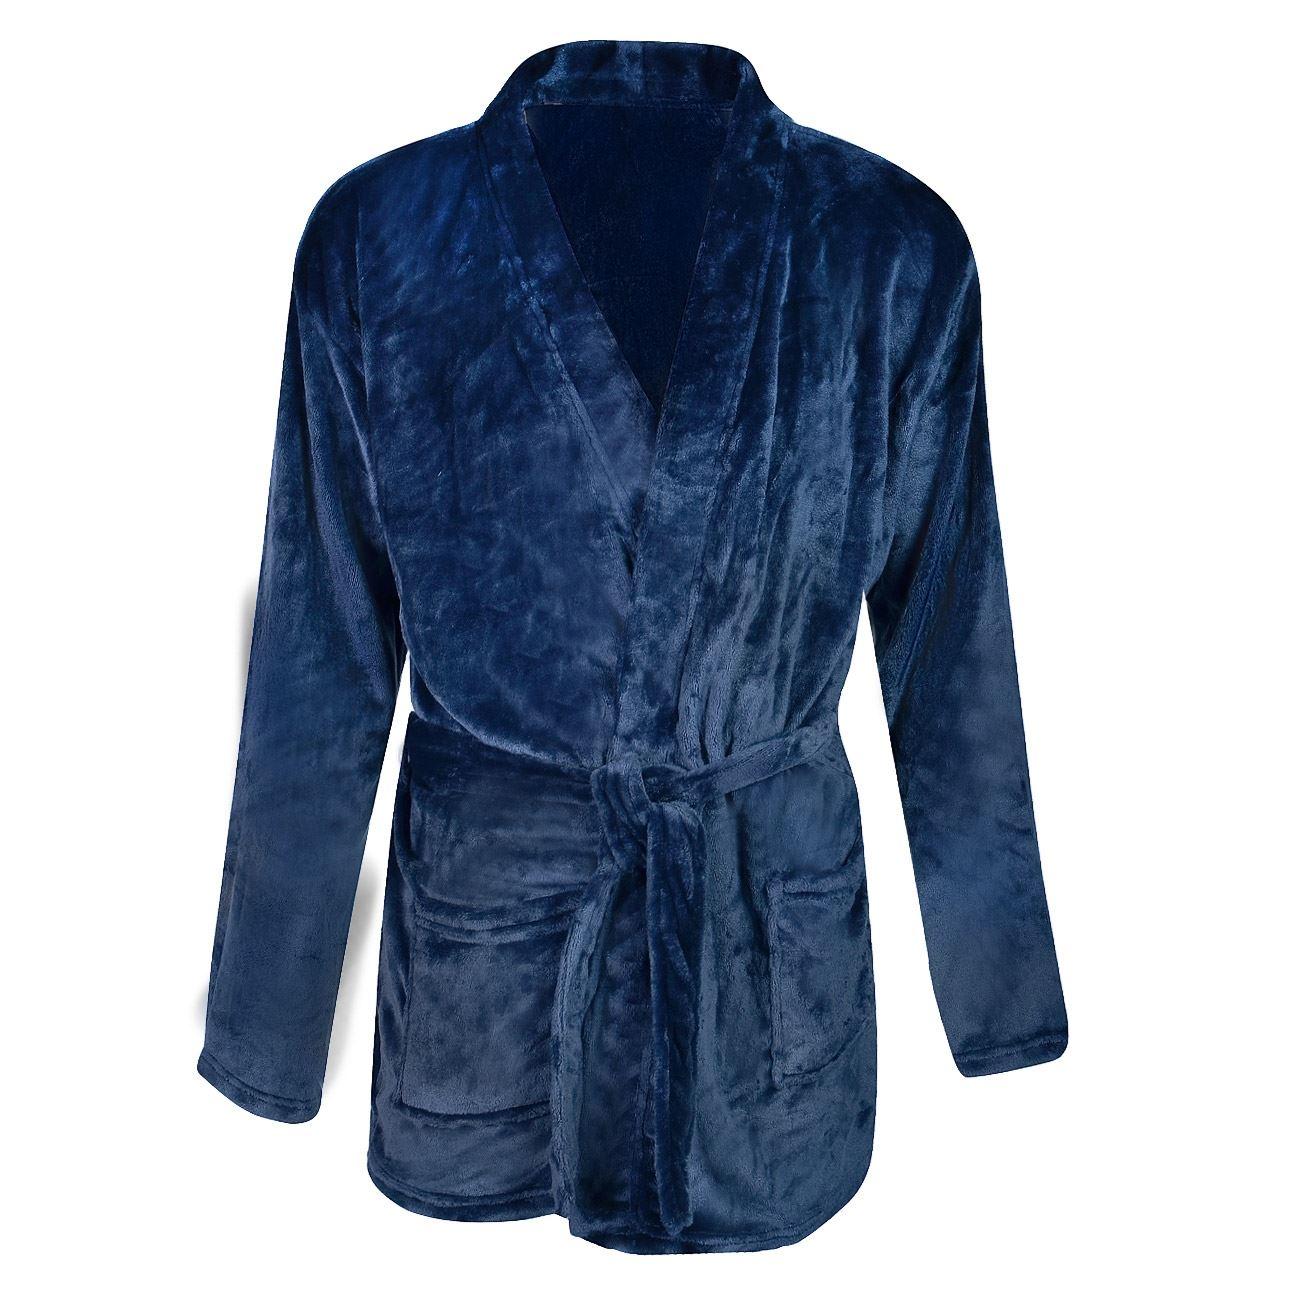 Ρόμπα Ανδρική Fleece Μπλε - One Size   Ρόμπες-Ζακέτες Ανδρικές  bfb823d5b69